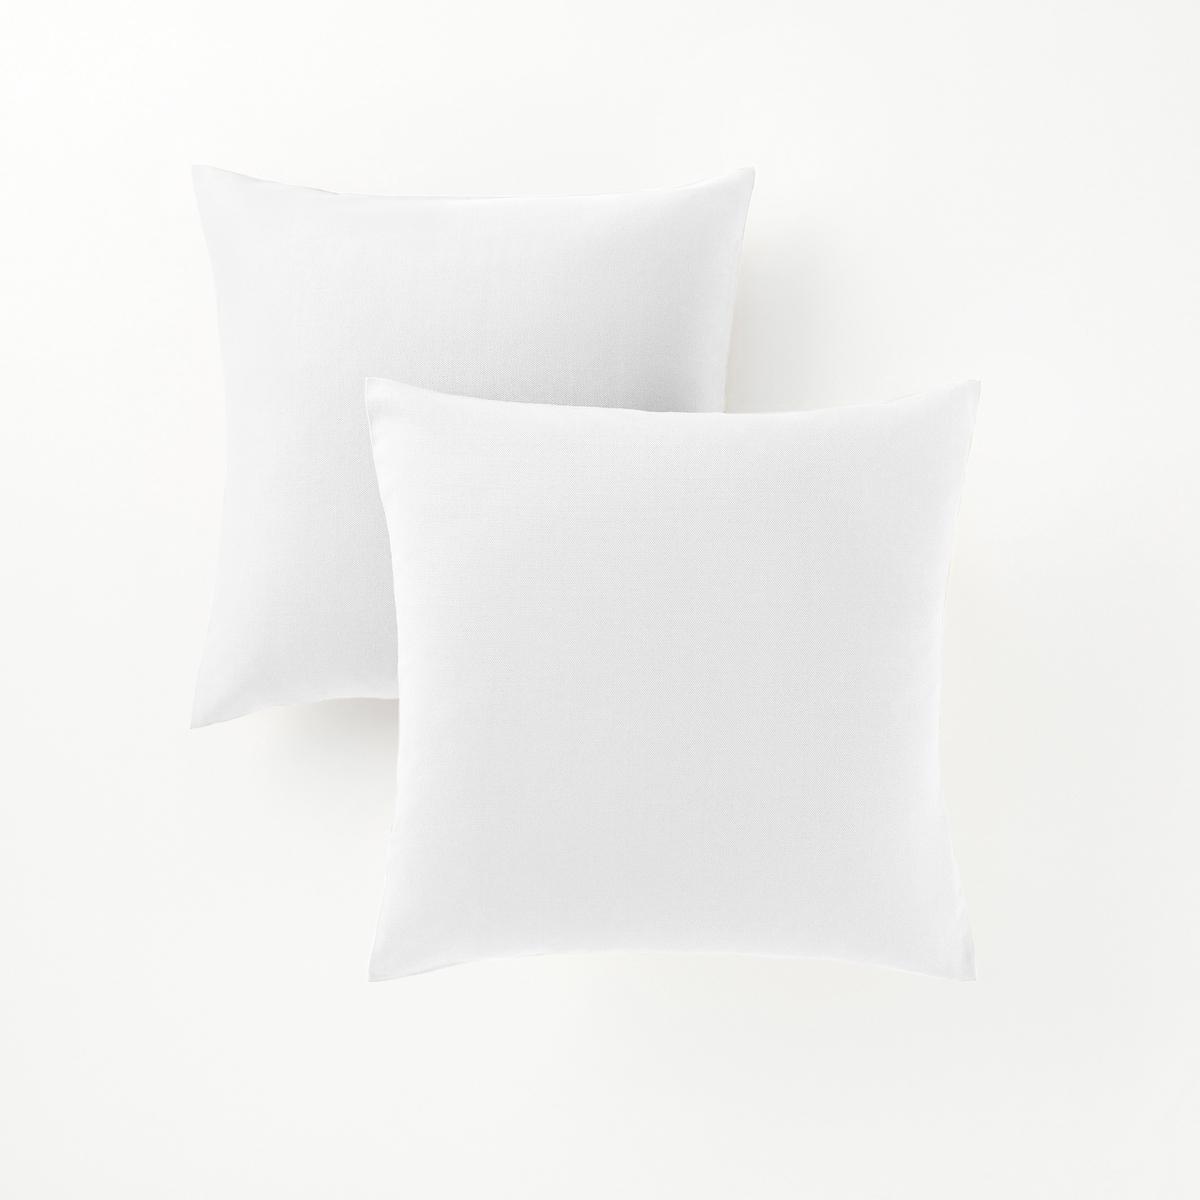 2 квадратных или прямоугольных чехла на подушки2 квадратных или прямоугольных чехла на подушки : декоративная расцветка, можно сочетать по желанию !       Характеристики 2 или прямоугольных чехлов на подушки :- Чехлы на подушки из красивой и очень прочной ткани (220 г/м?), застежка на молнии.- Гарантия расцветки : превосходная стойкость от воздействия солнечных лучей и стирок (40 °С).В комплекте 2 чехла одного цвета.                             Качество VALEUR S?RE.Подушки продаются отдельно.                                            Сертификат Oeko-Tex® дает гарантию того, что товары изготовлены без применения химических средств и не представляют опасности для здоровья человека.<br><br>Цвет: белый,бледно-зеленый,вишневый,медовый,серый жемчужный